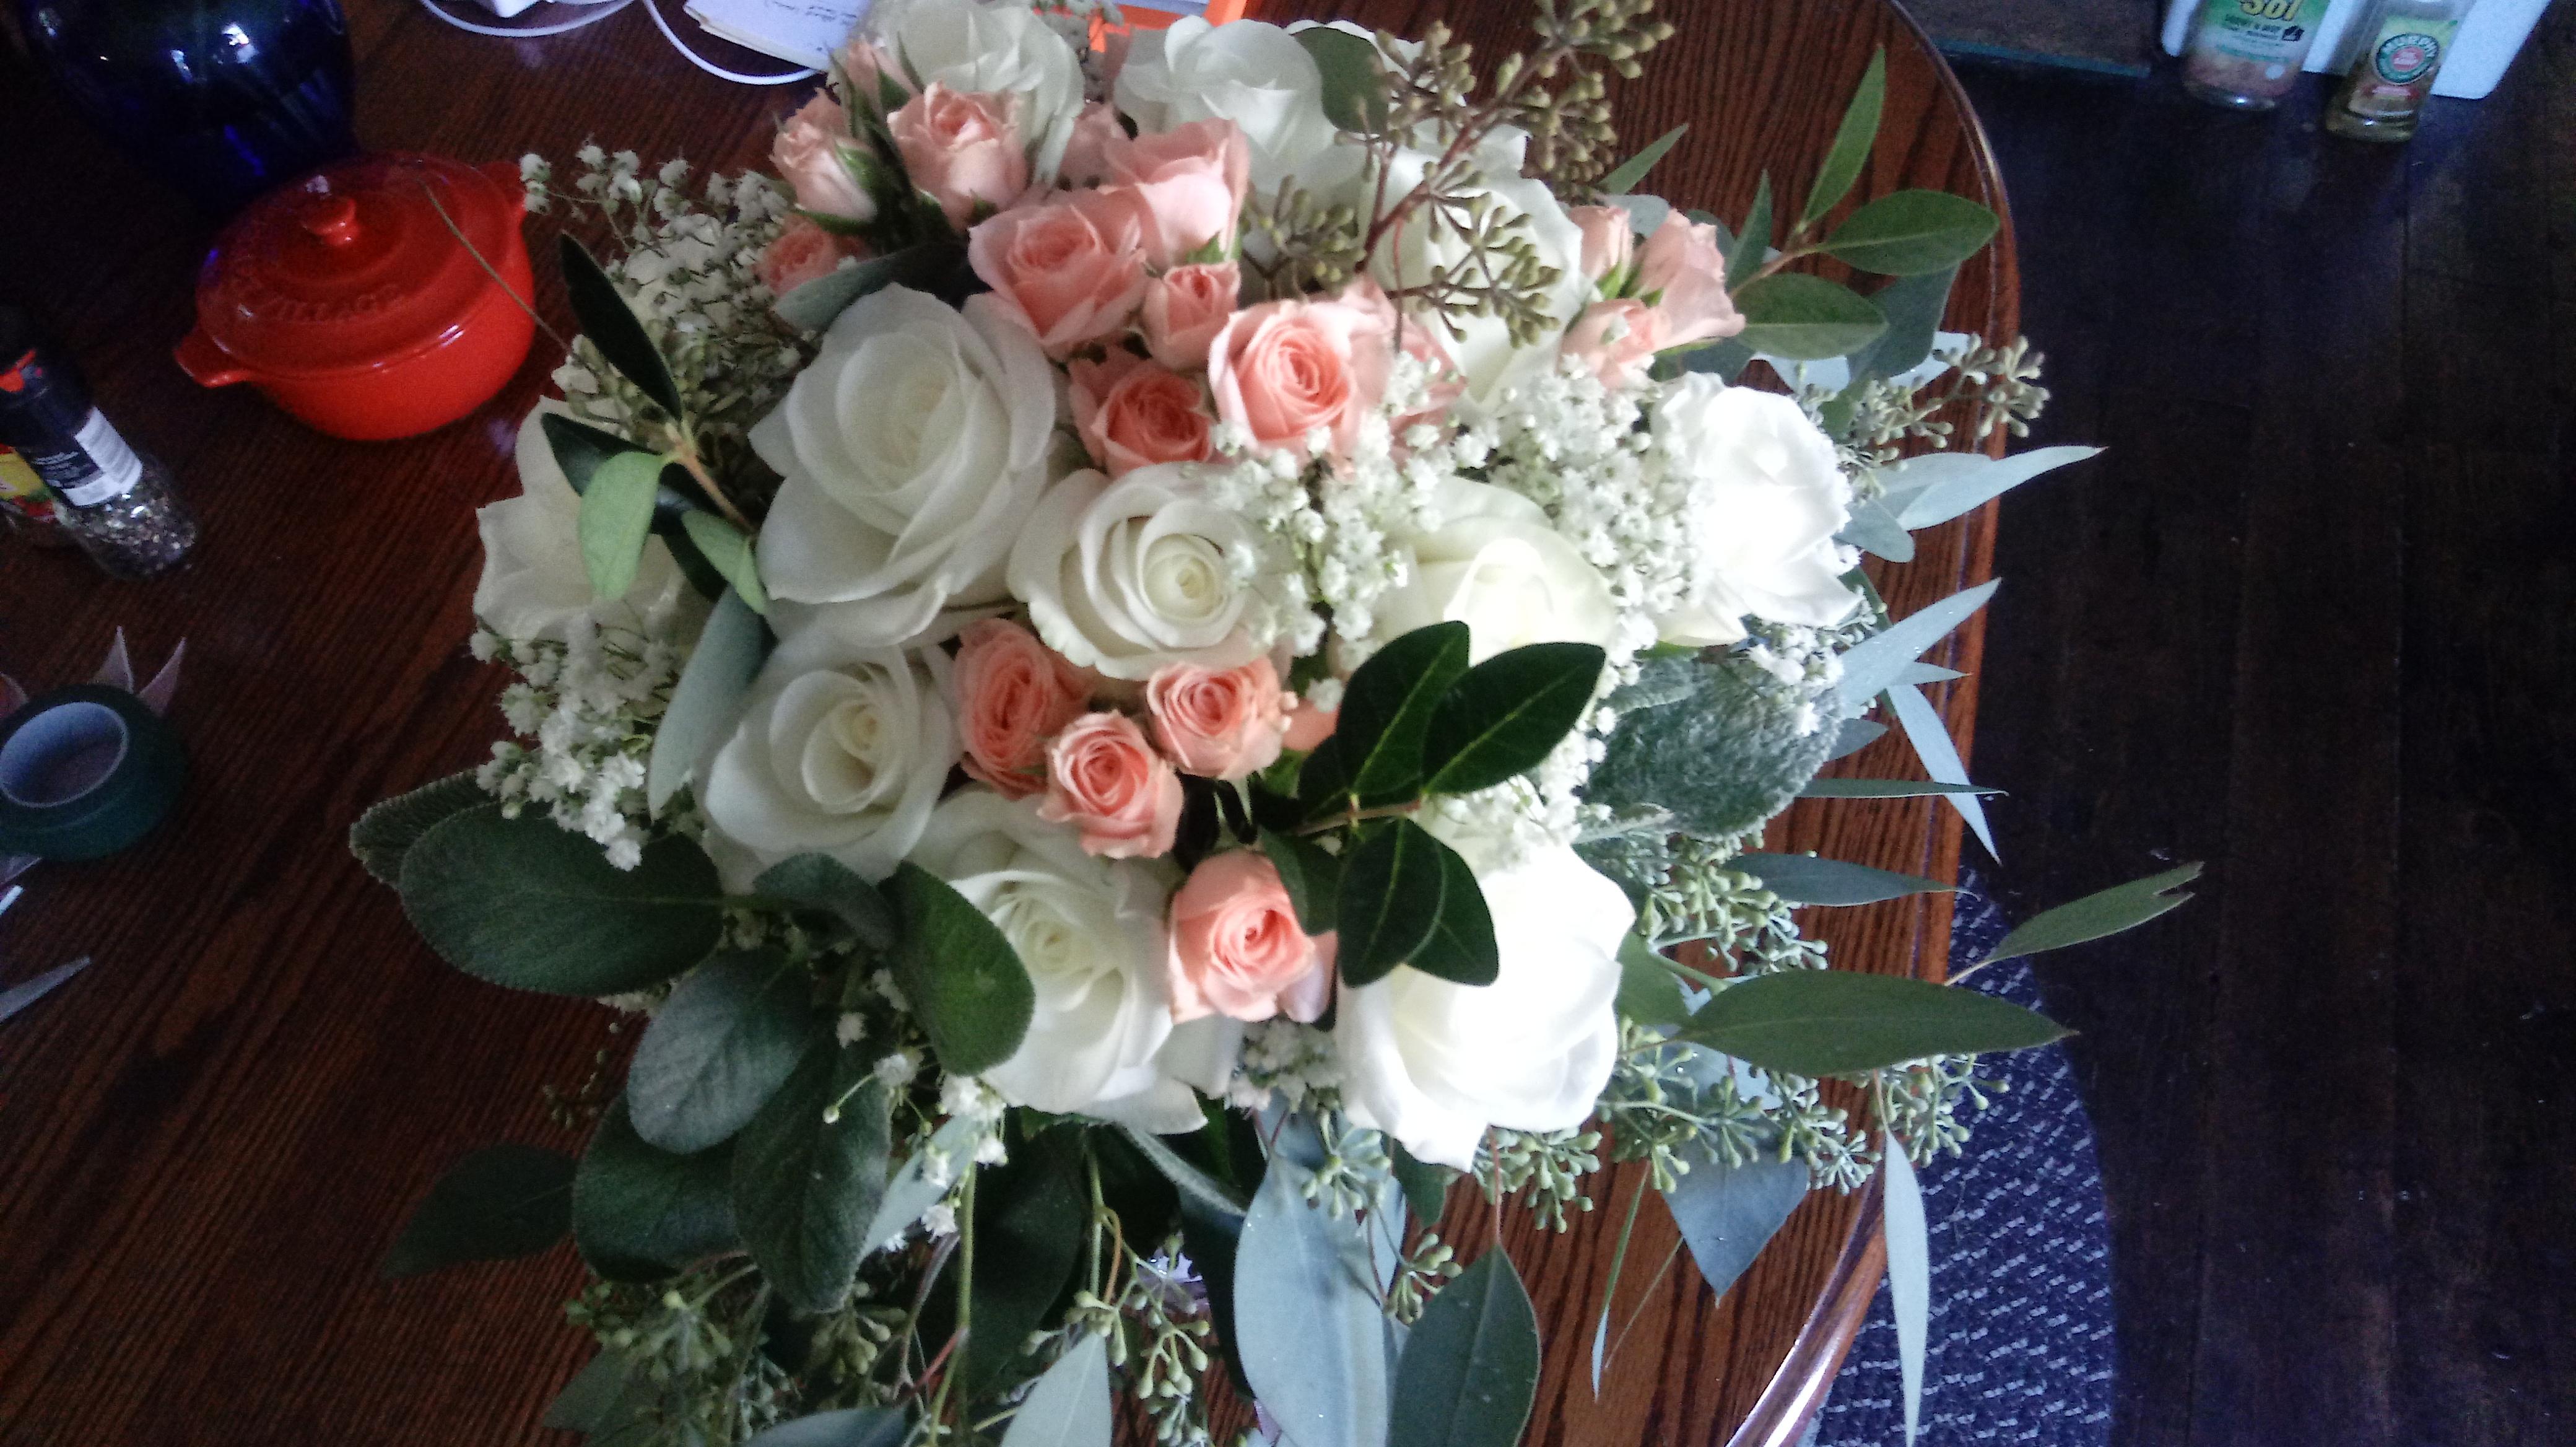 weddings18/1012181359b.jpg